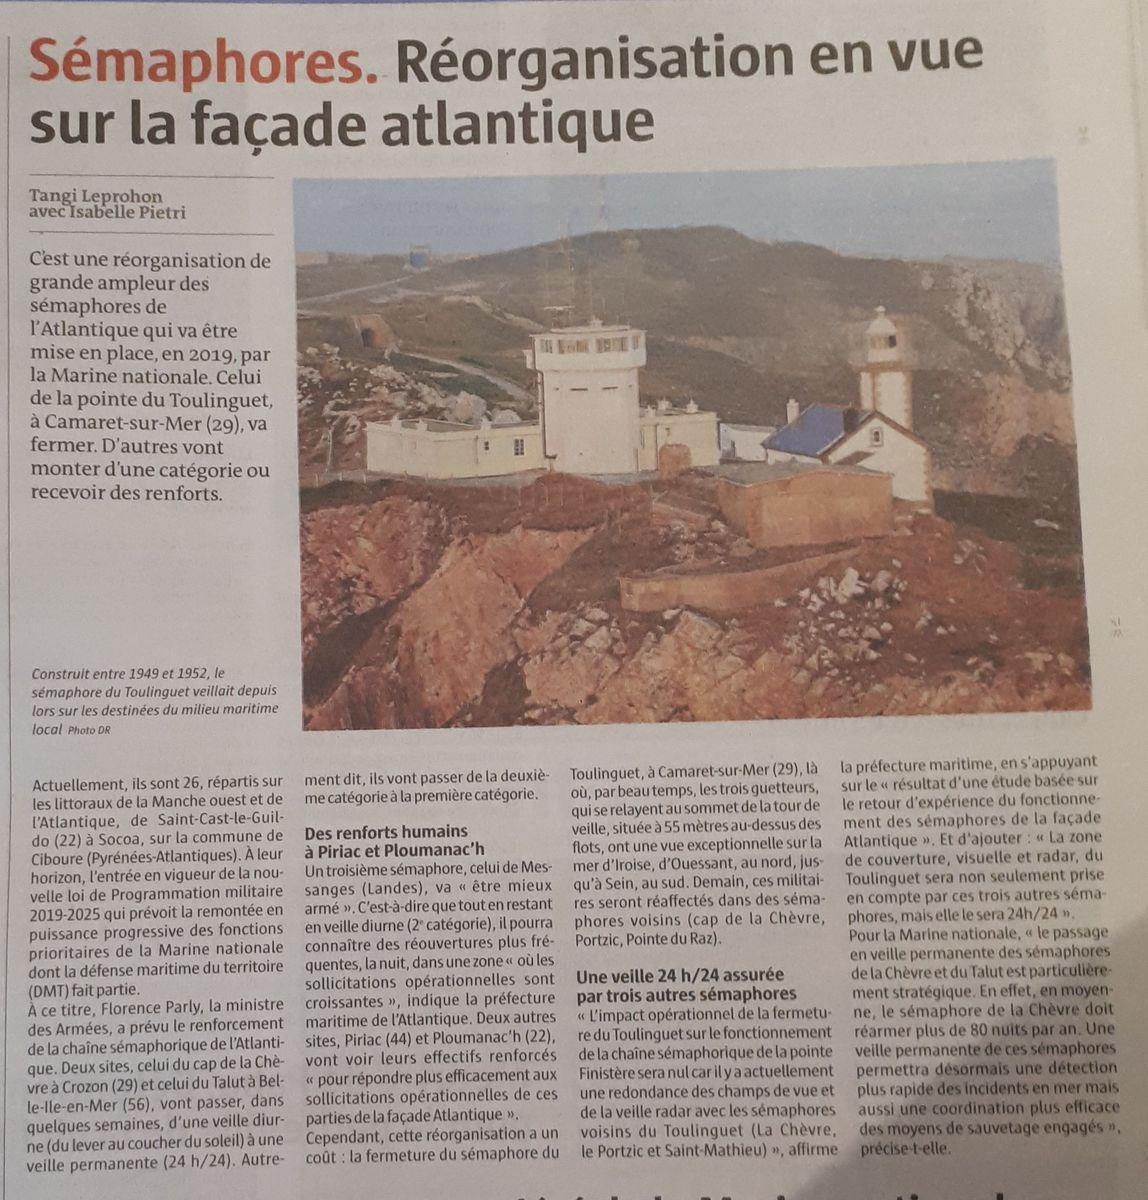 [ Les sémaphores - divers ] Réorganisation pour les Sémaphores de la façade Atlantique 20181127